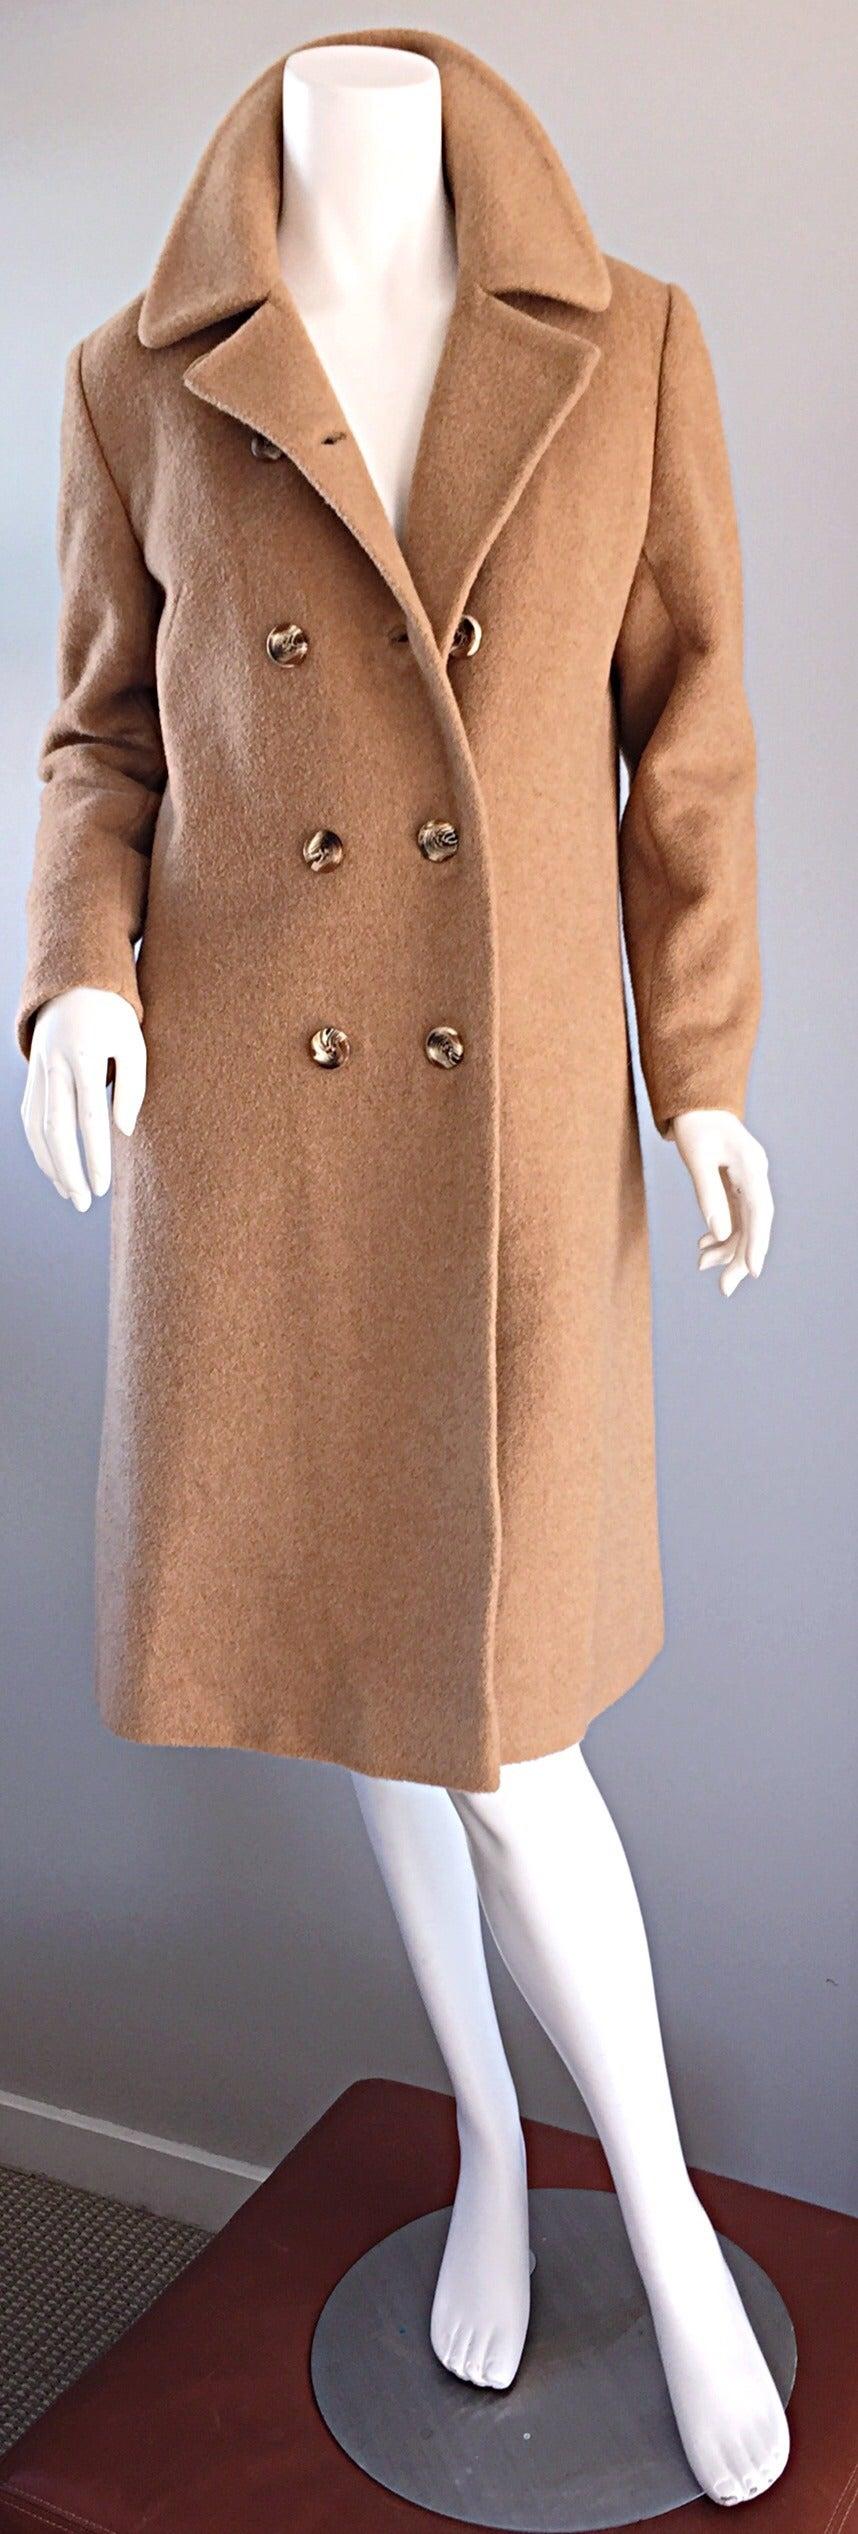 1960s Vintage Camels Hair 60s Designer Camel Coat Jacket In Excellent Condition For Sale In San Francisco, CA